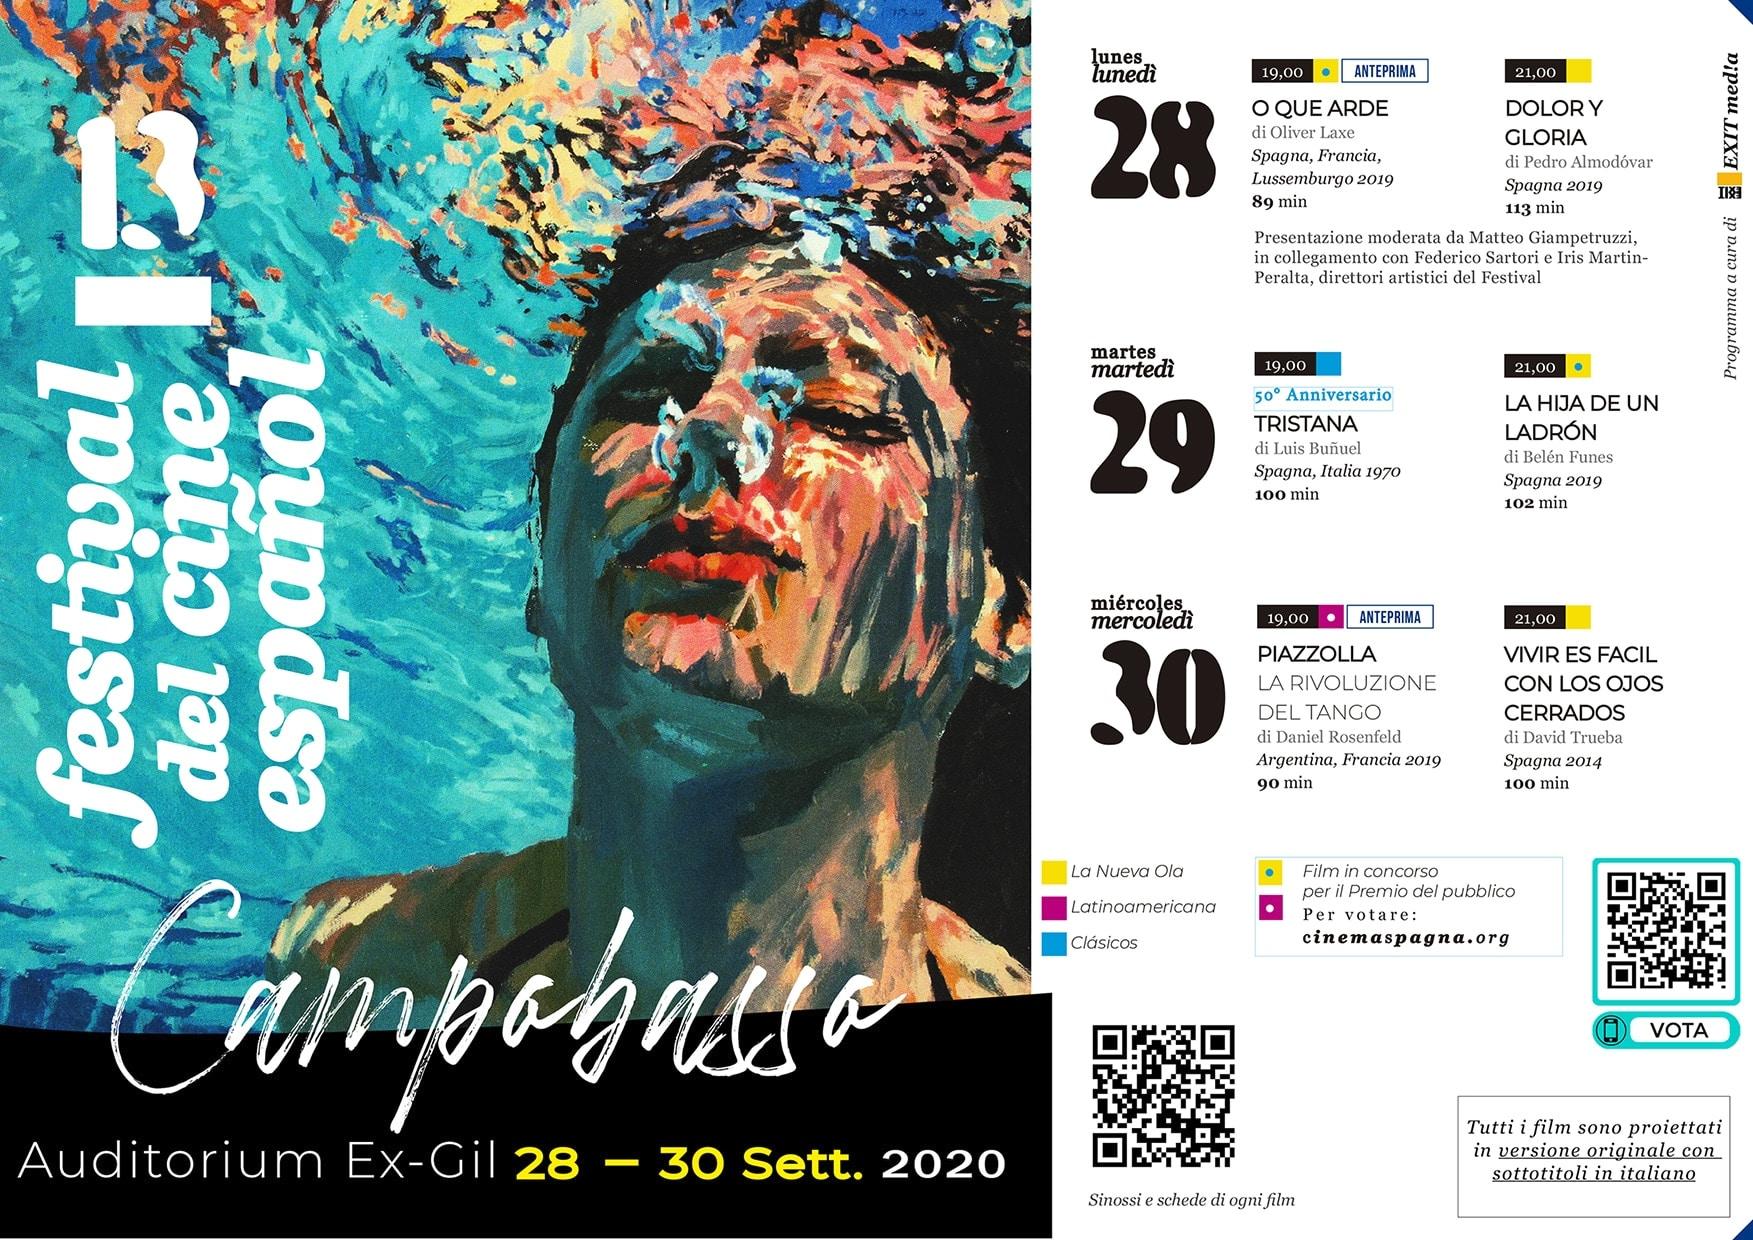 Il Programma di CinemaSpagna a Campobasso / 2020